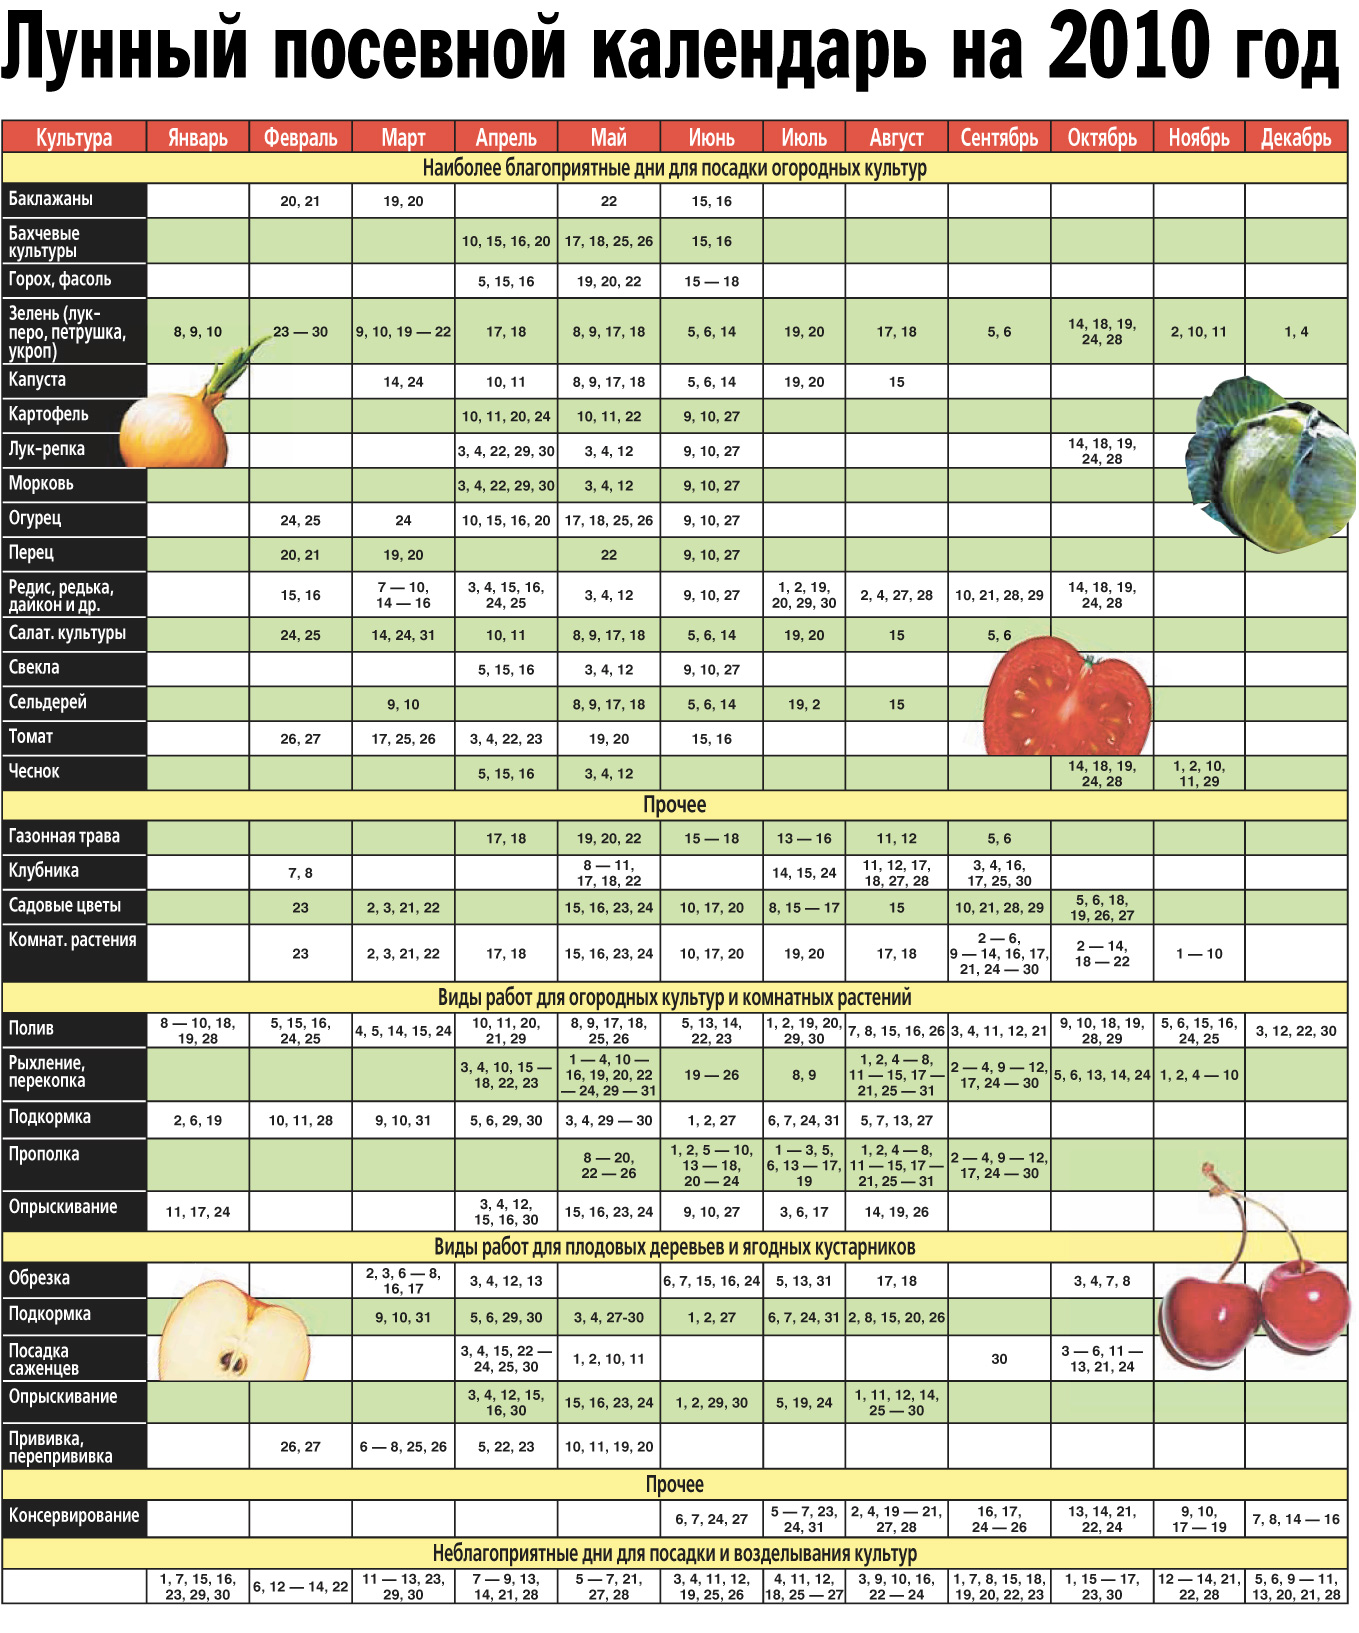 Календарь посадки чеснока: благоприятные дни, лунный календарь 11